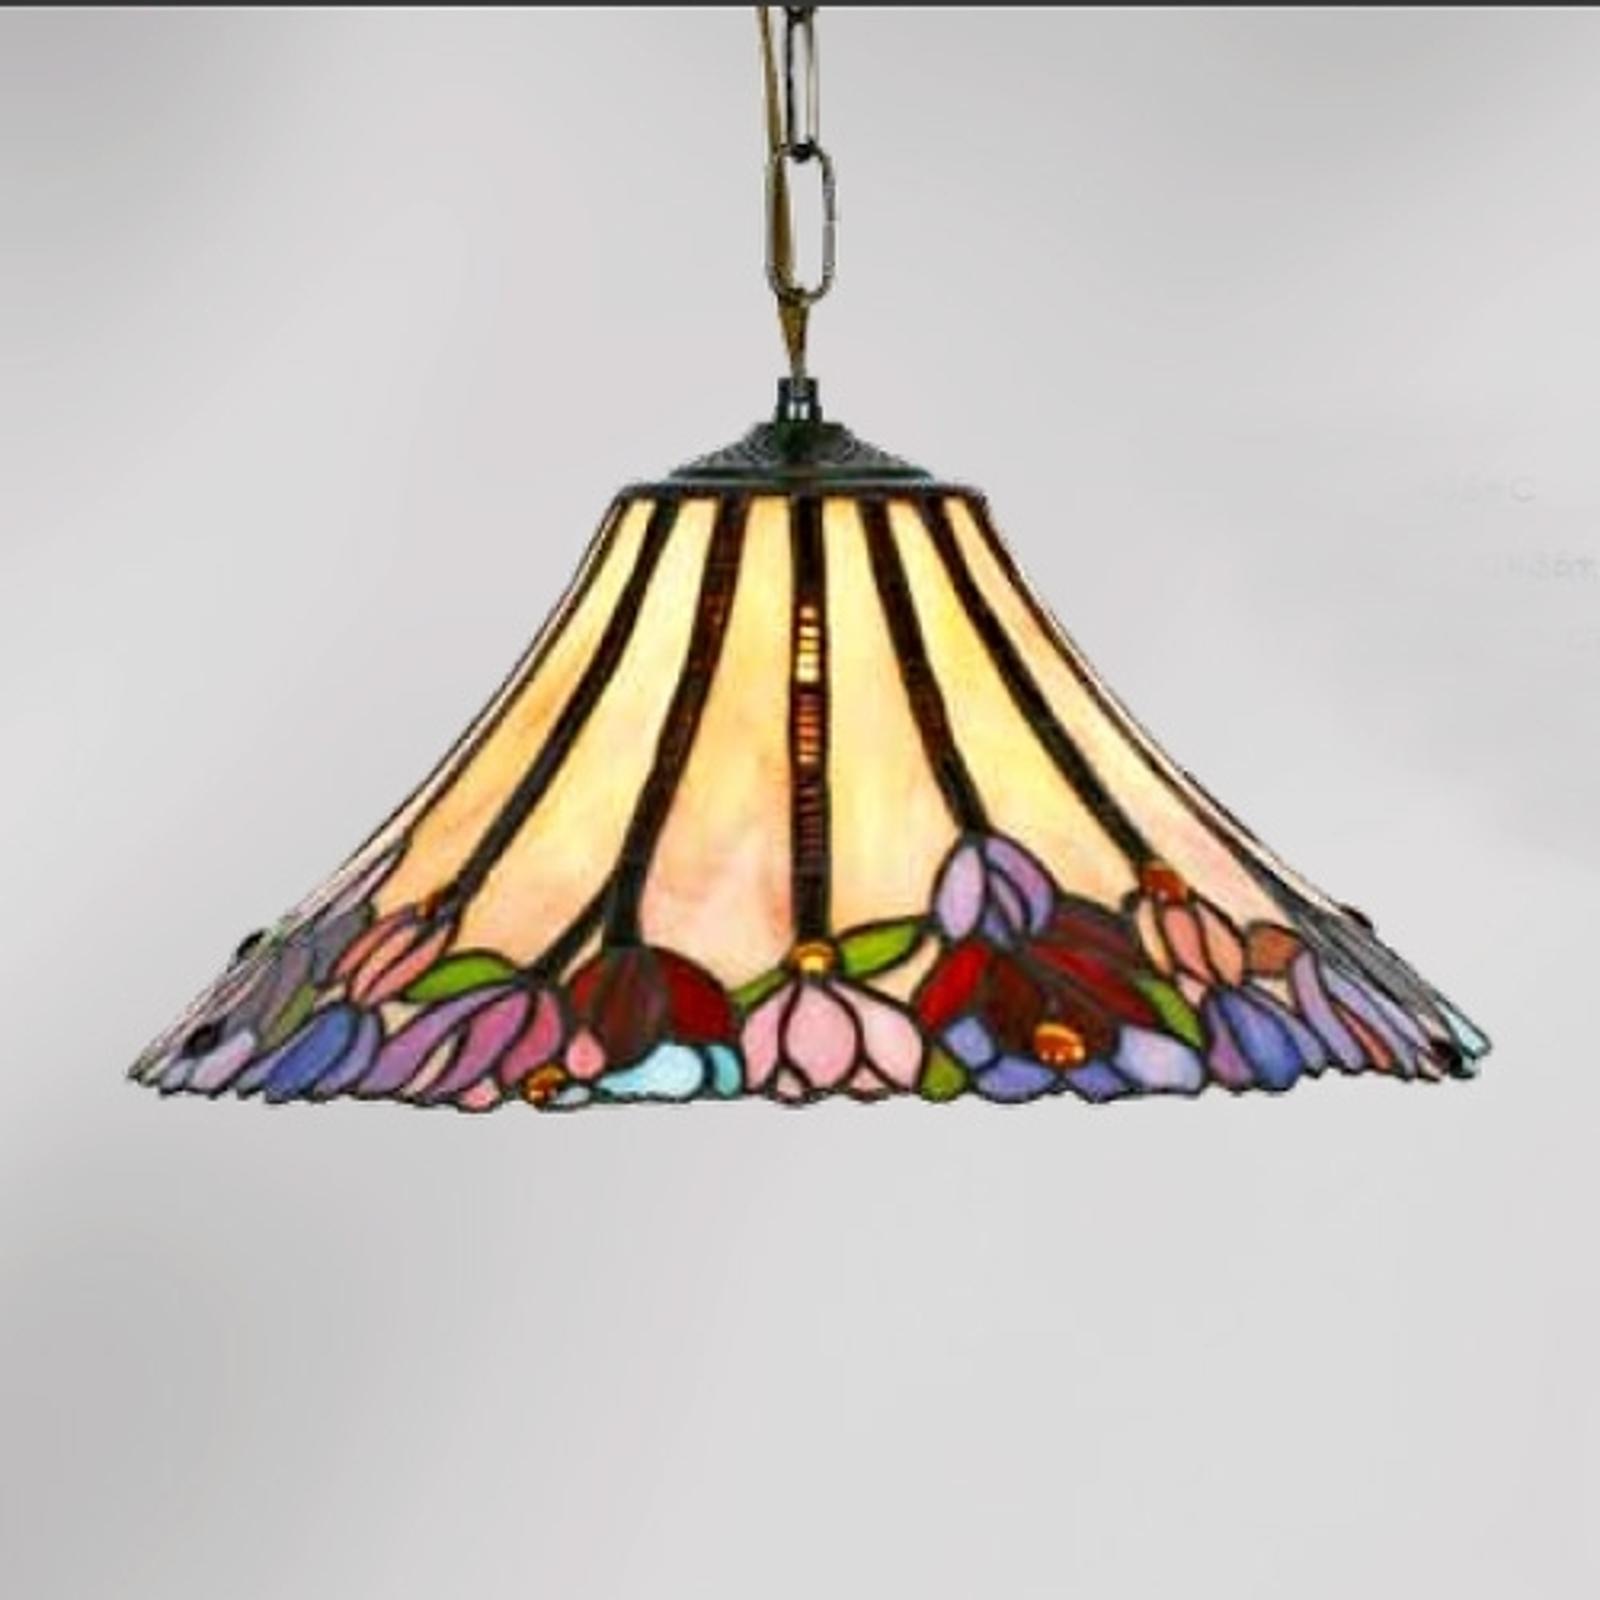 Tiffany-tyylinen Tori-riippuvalaisin, 1-lamppuinen